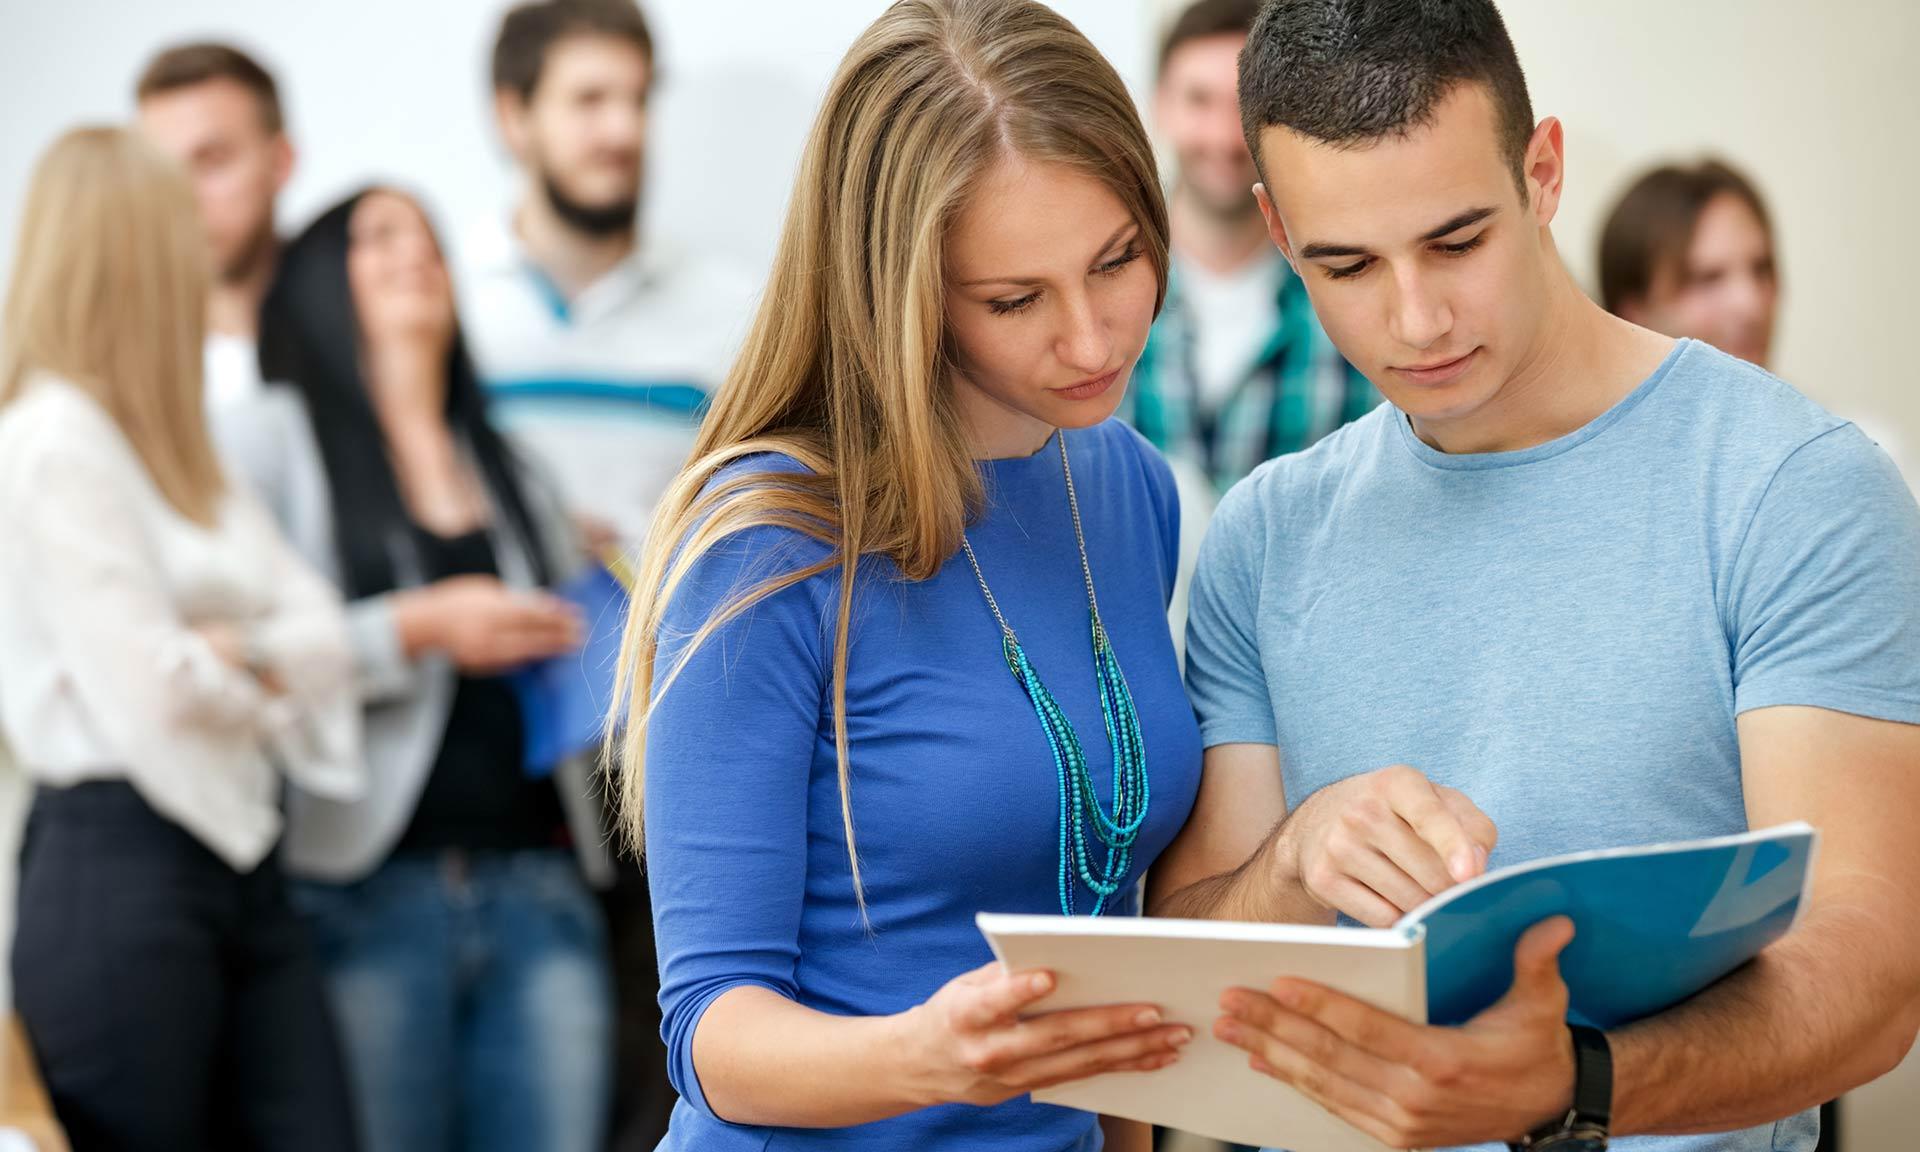 Вебинар: МВА и поствысшее образование по бизнес специальностям за рубежом на примере Австралии